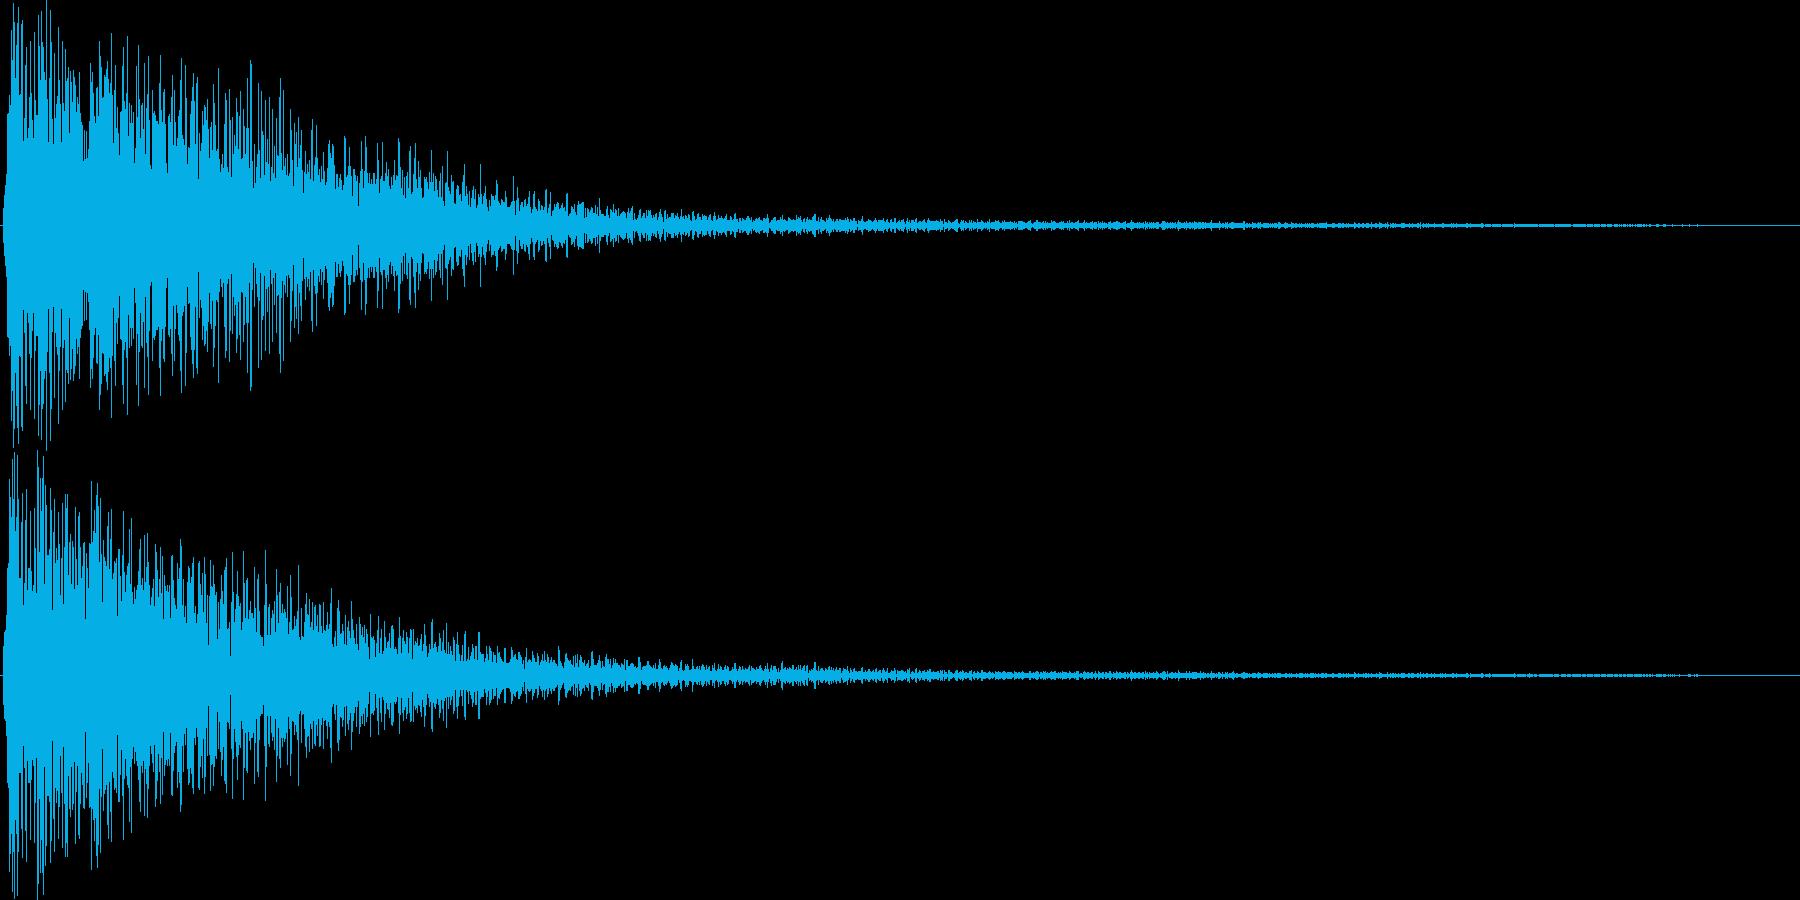 ゲーム(レアアイテム入手、発見)などの再生済みの波形